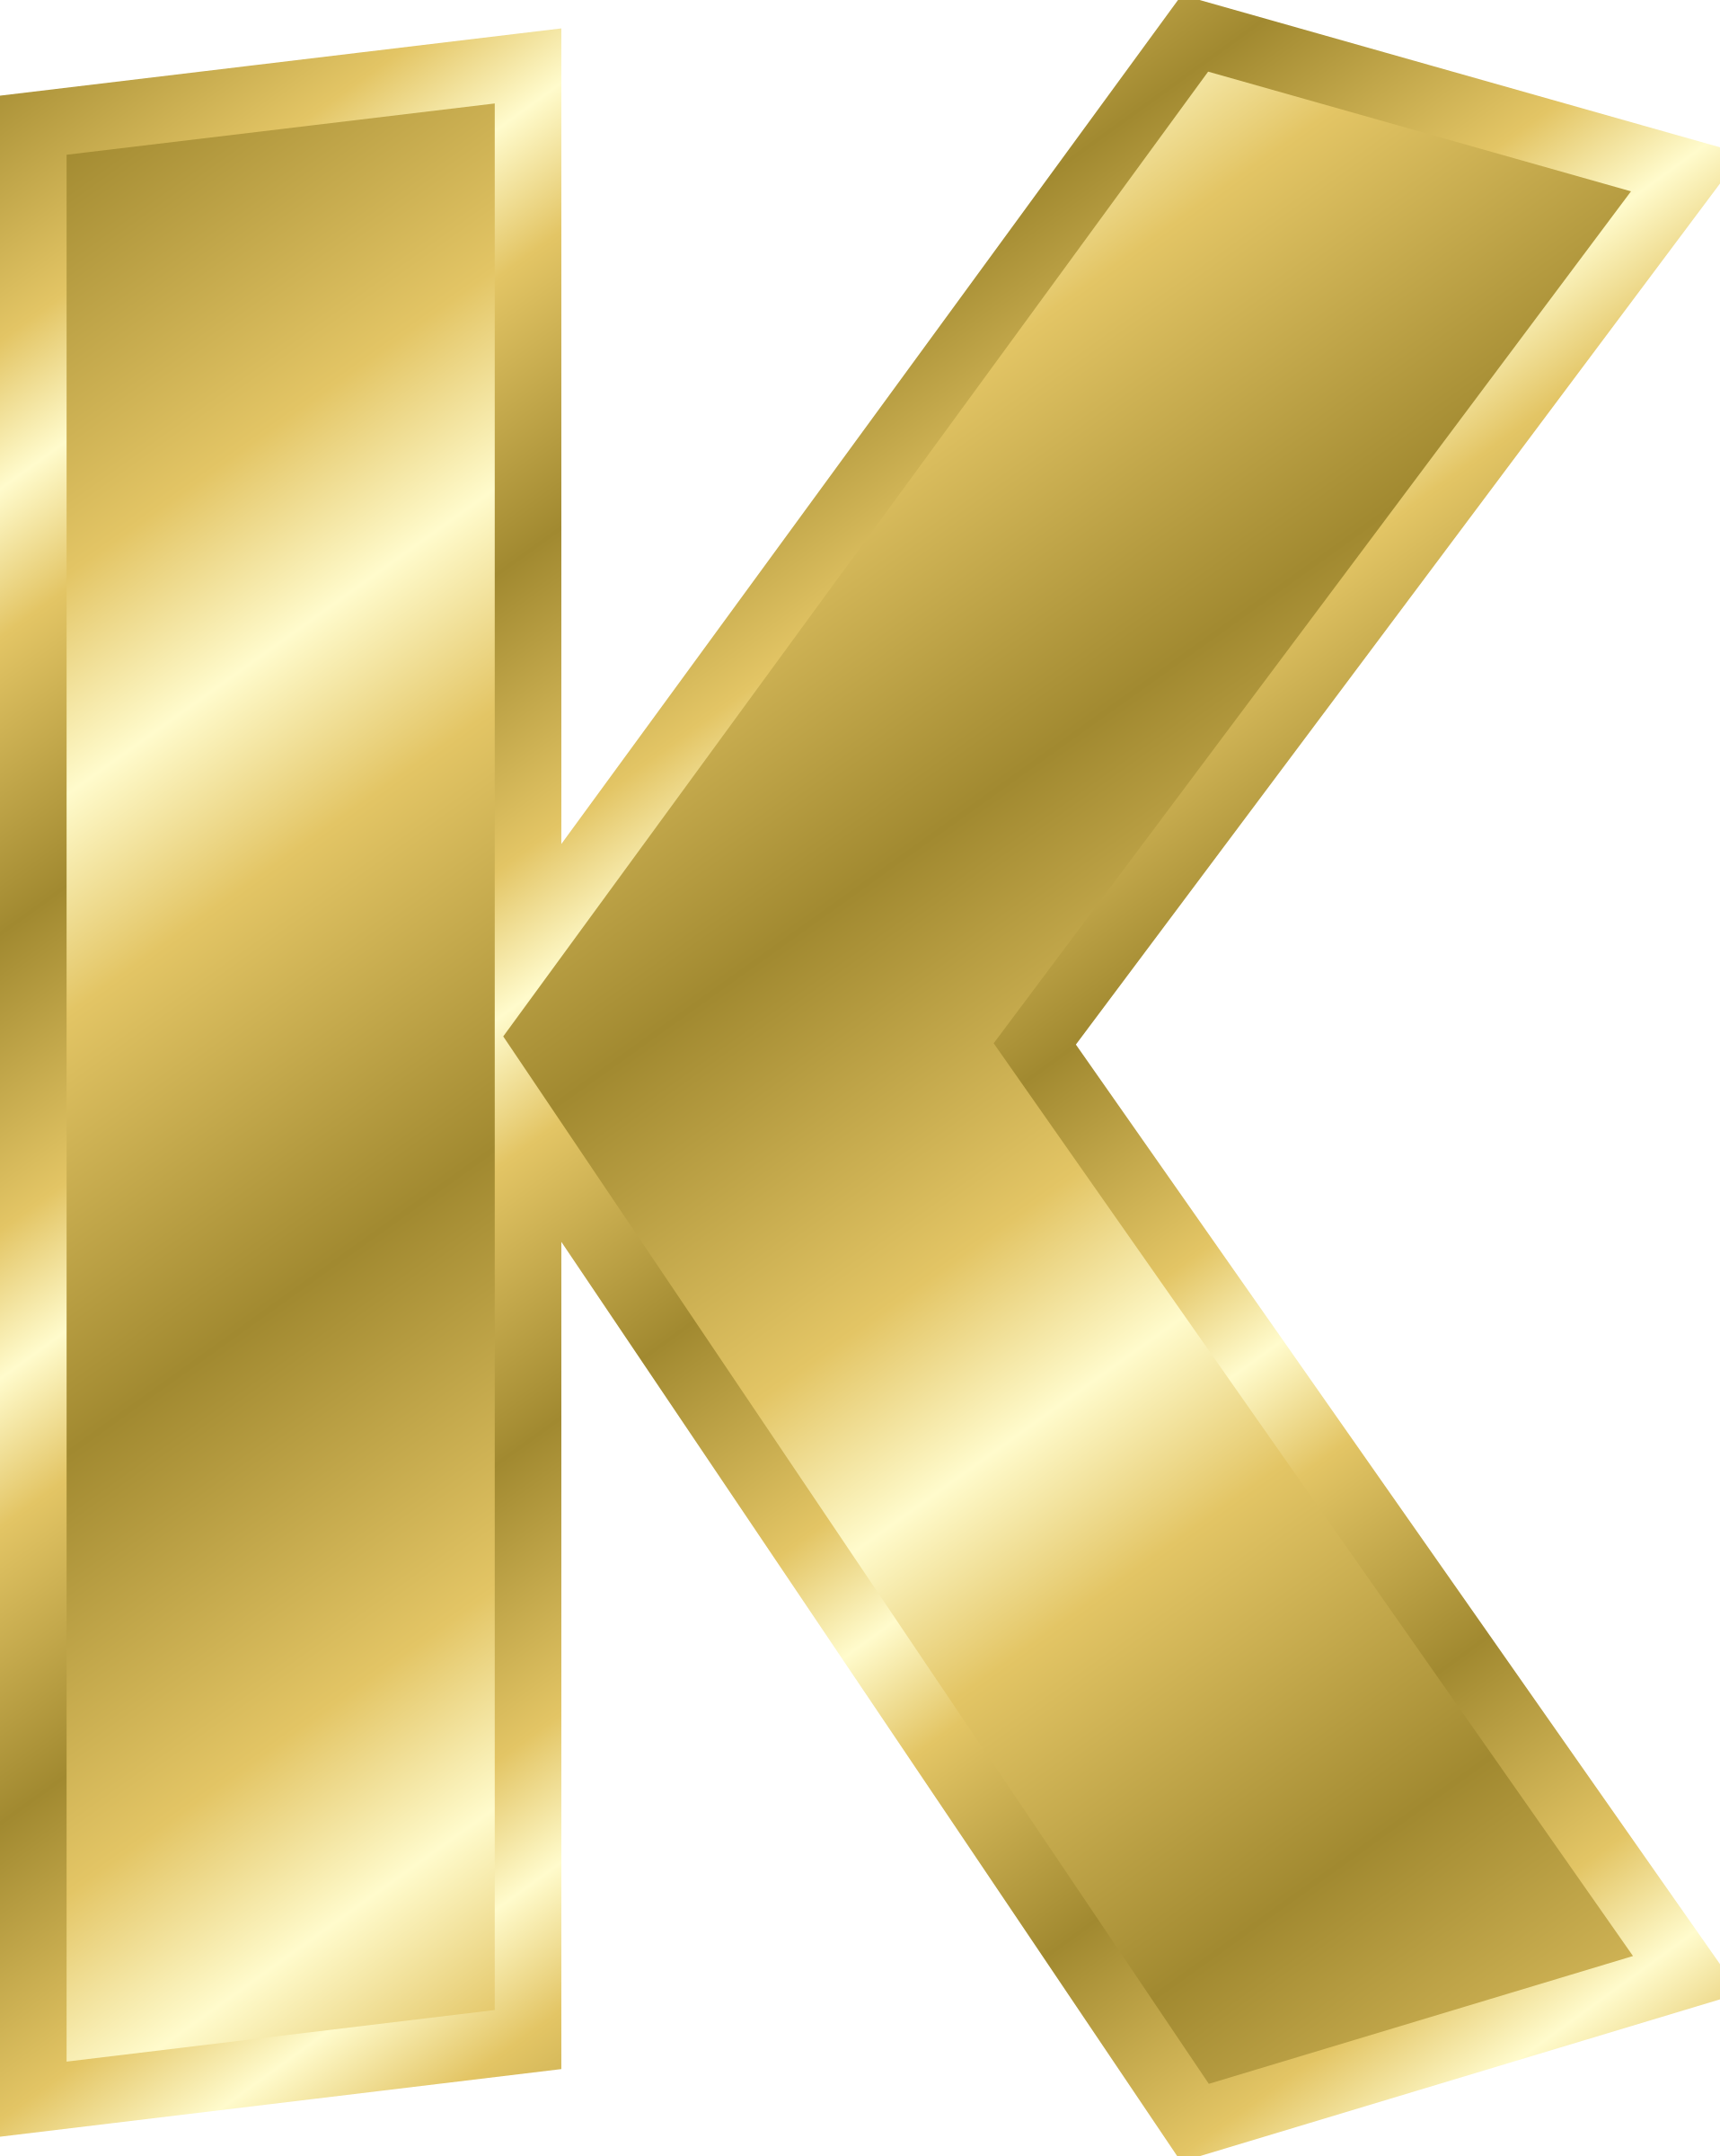 Gold clipart celebration. Effect letters alphabet big